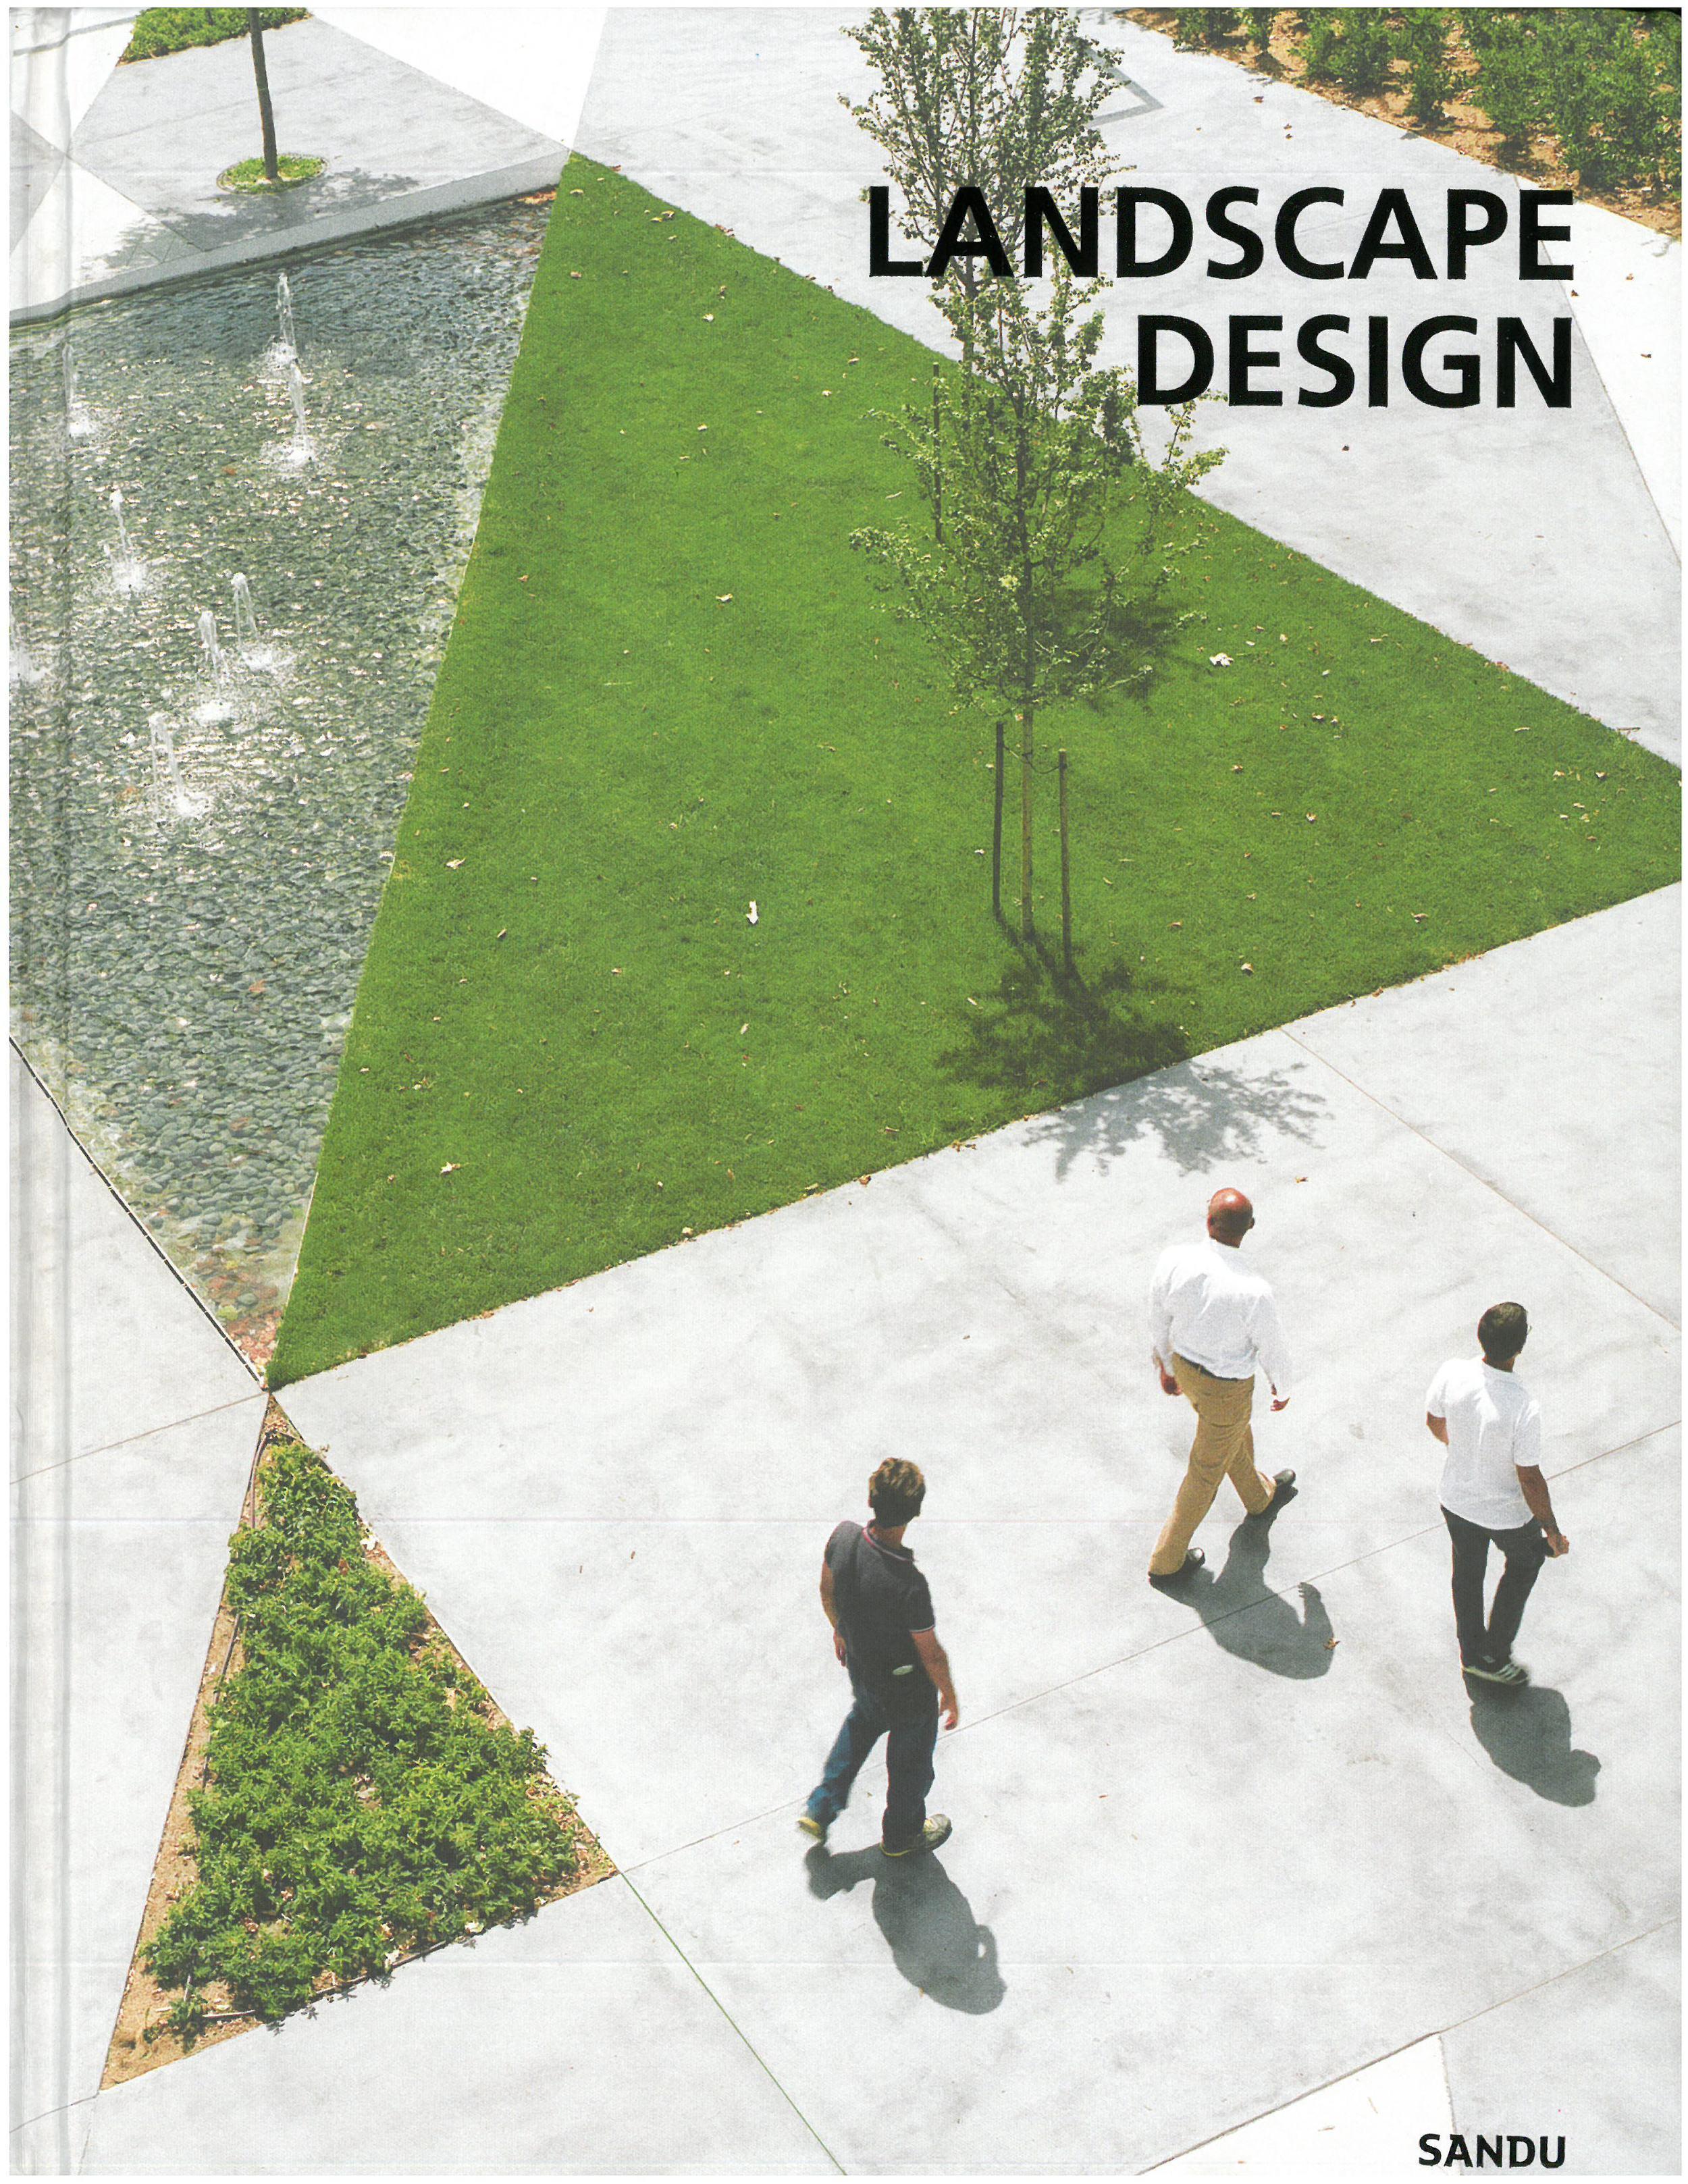 Landscape Design cover.jpg